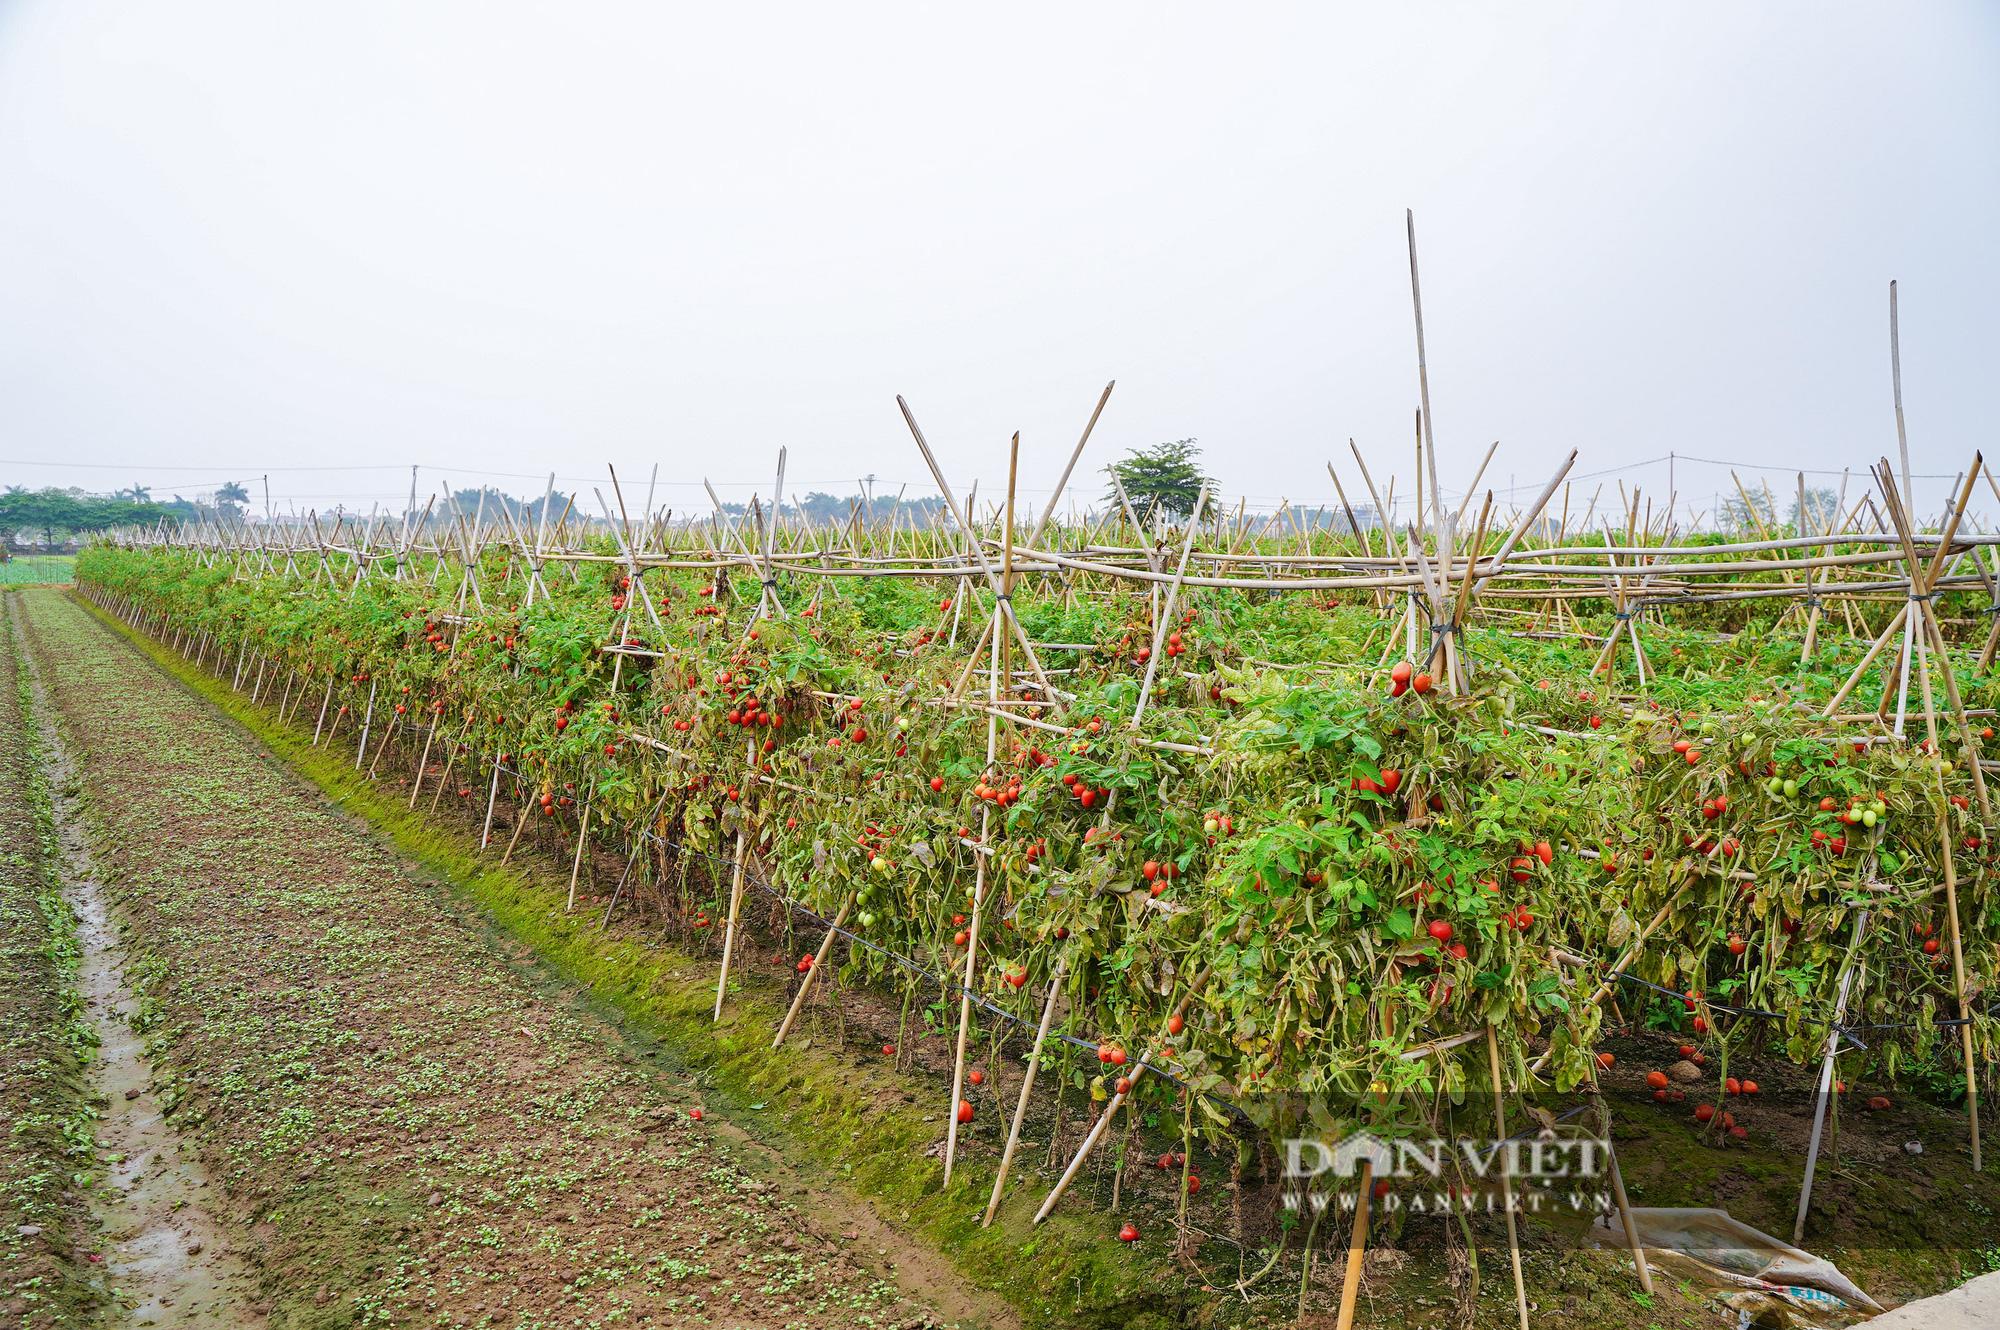 Củ cải thối phơi trắng cánh đồng, cà chua đỏ ửng không ai thu hoạch  - Ảnh 10.